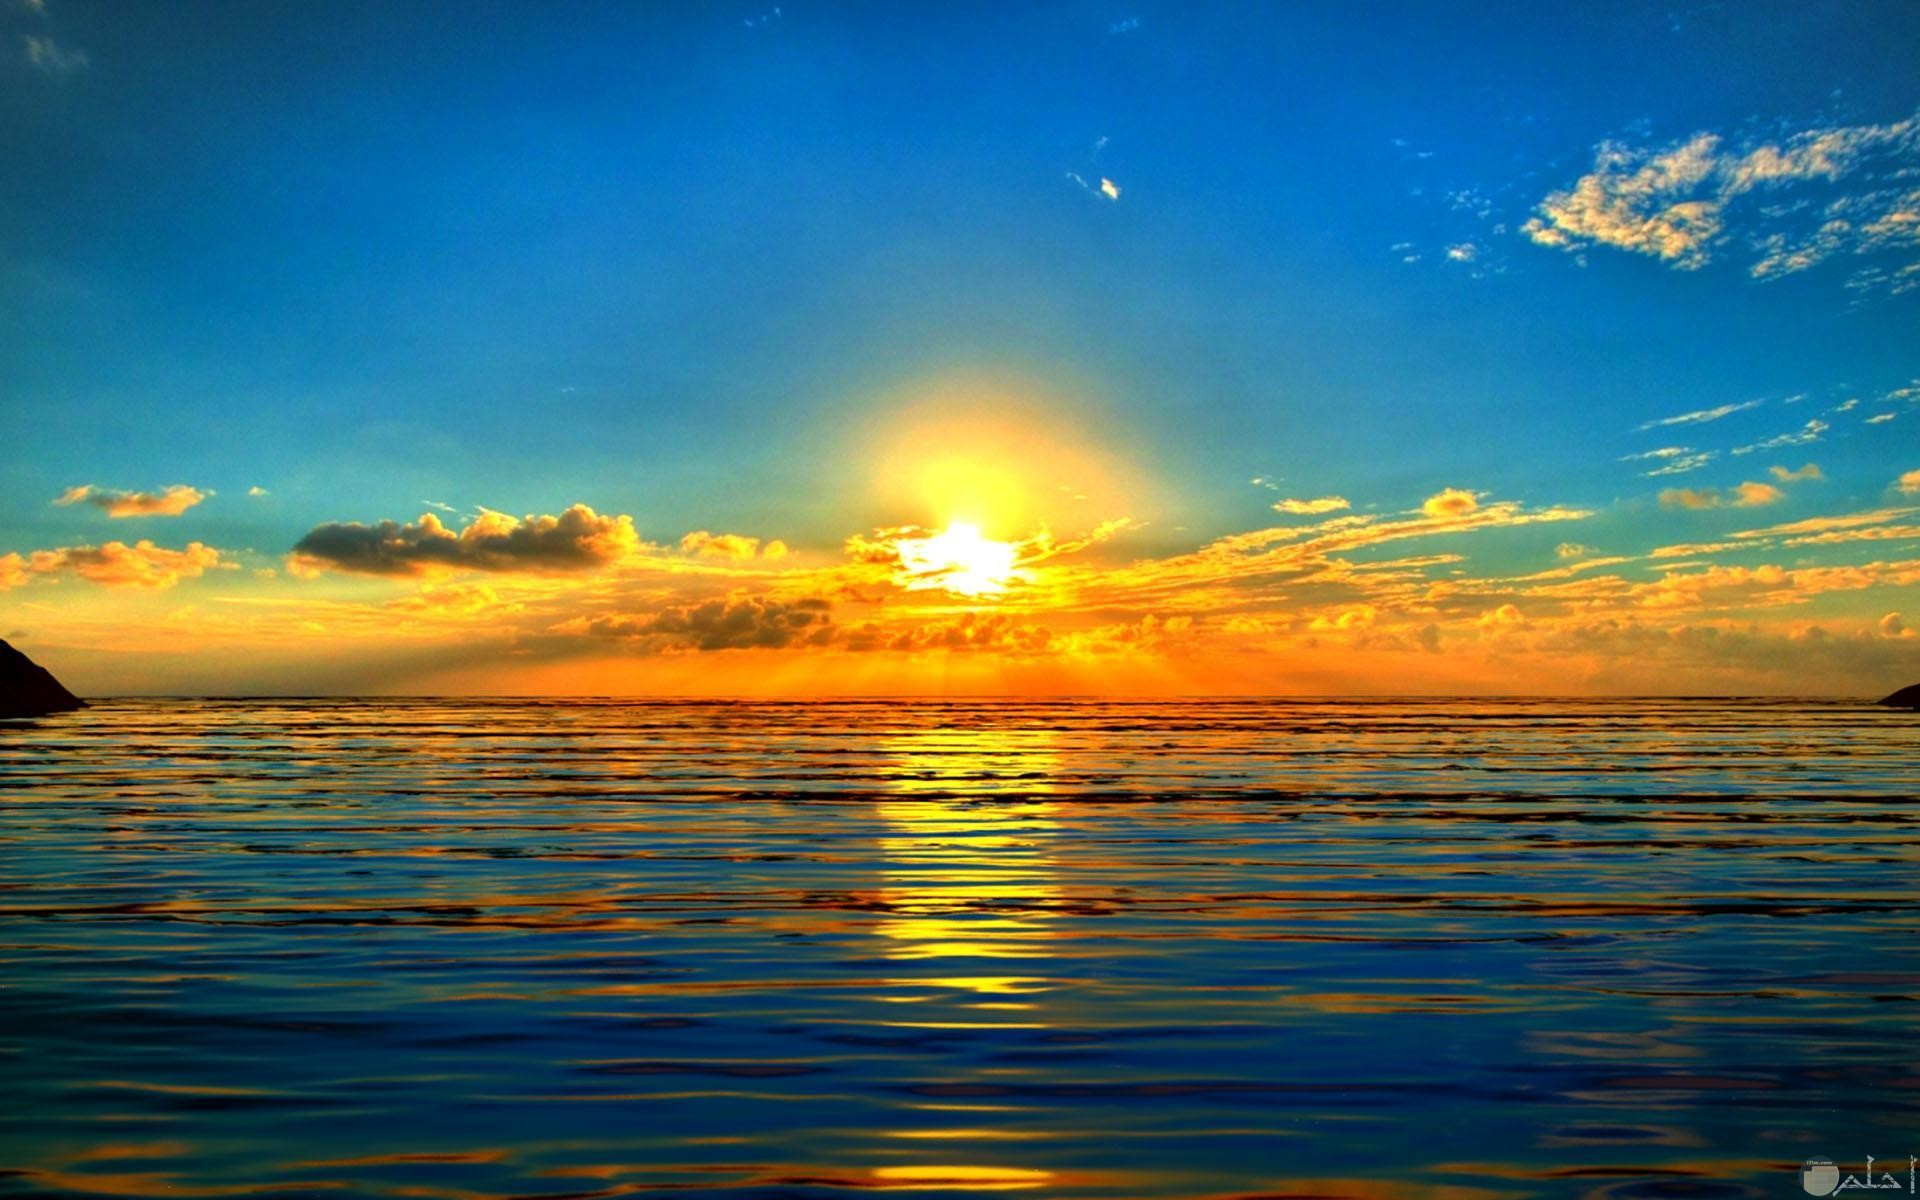 شروق الشمس و البحر يداعبها.